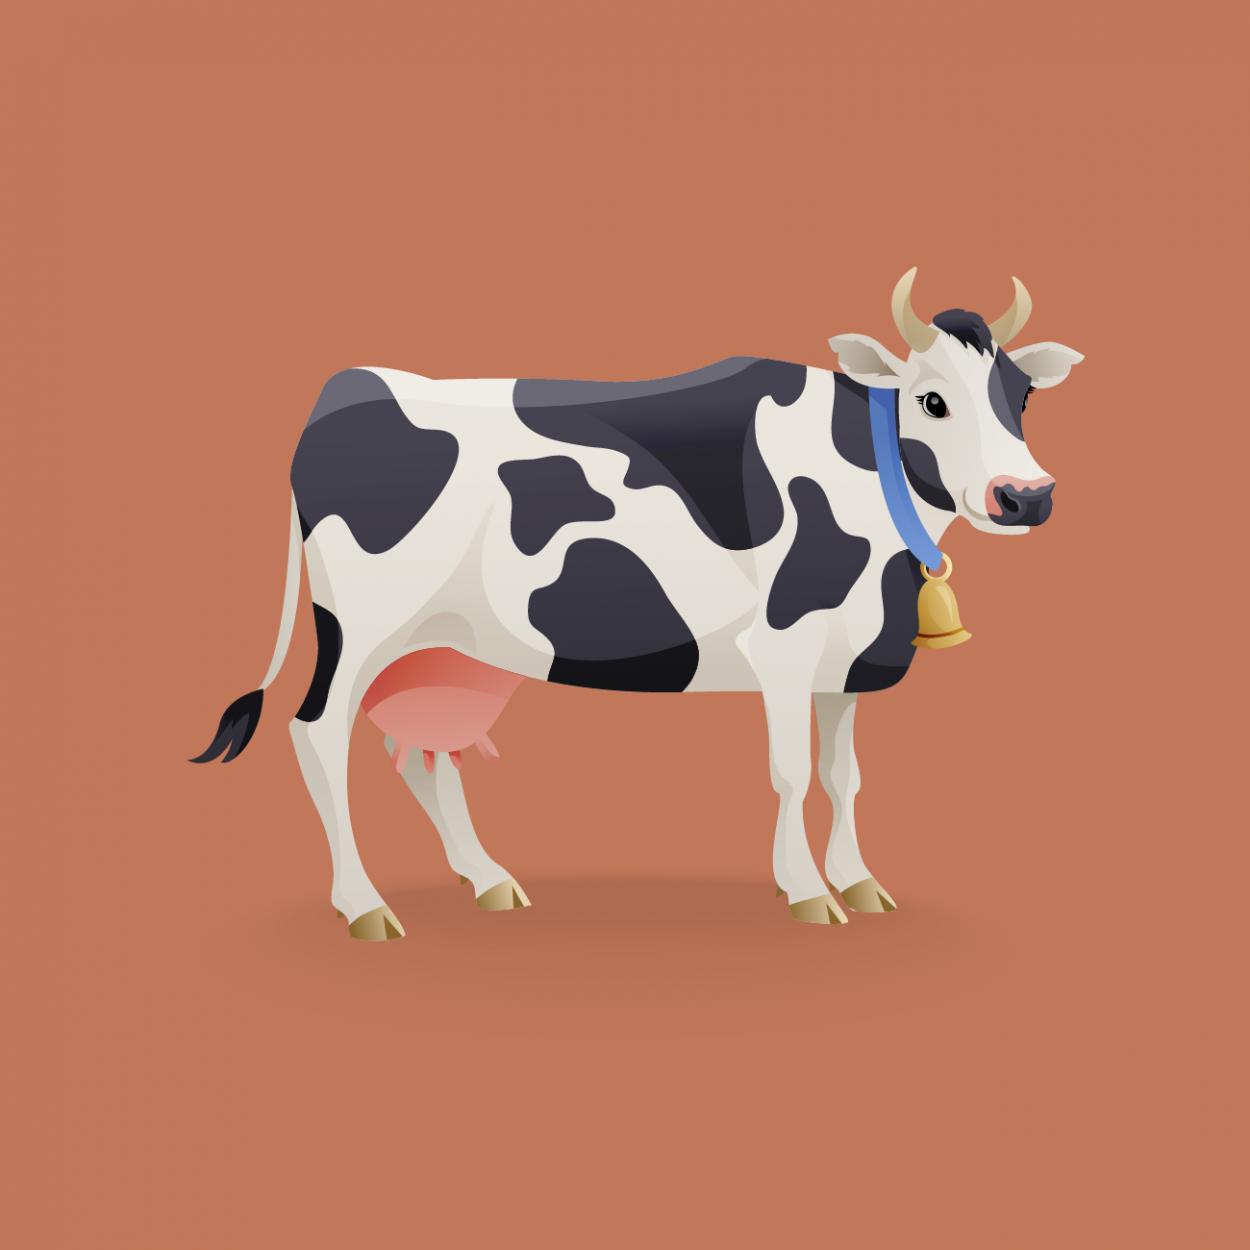 Анекдот про краденную корову ижелезную логику